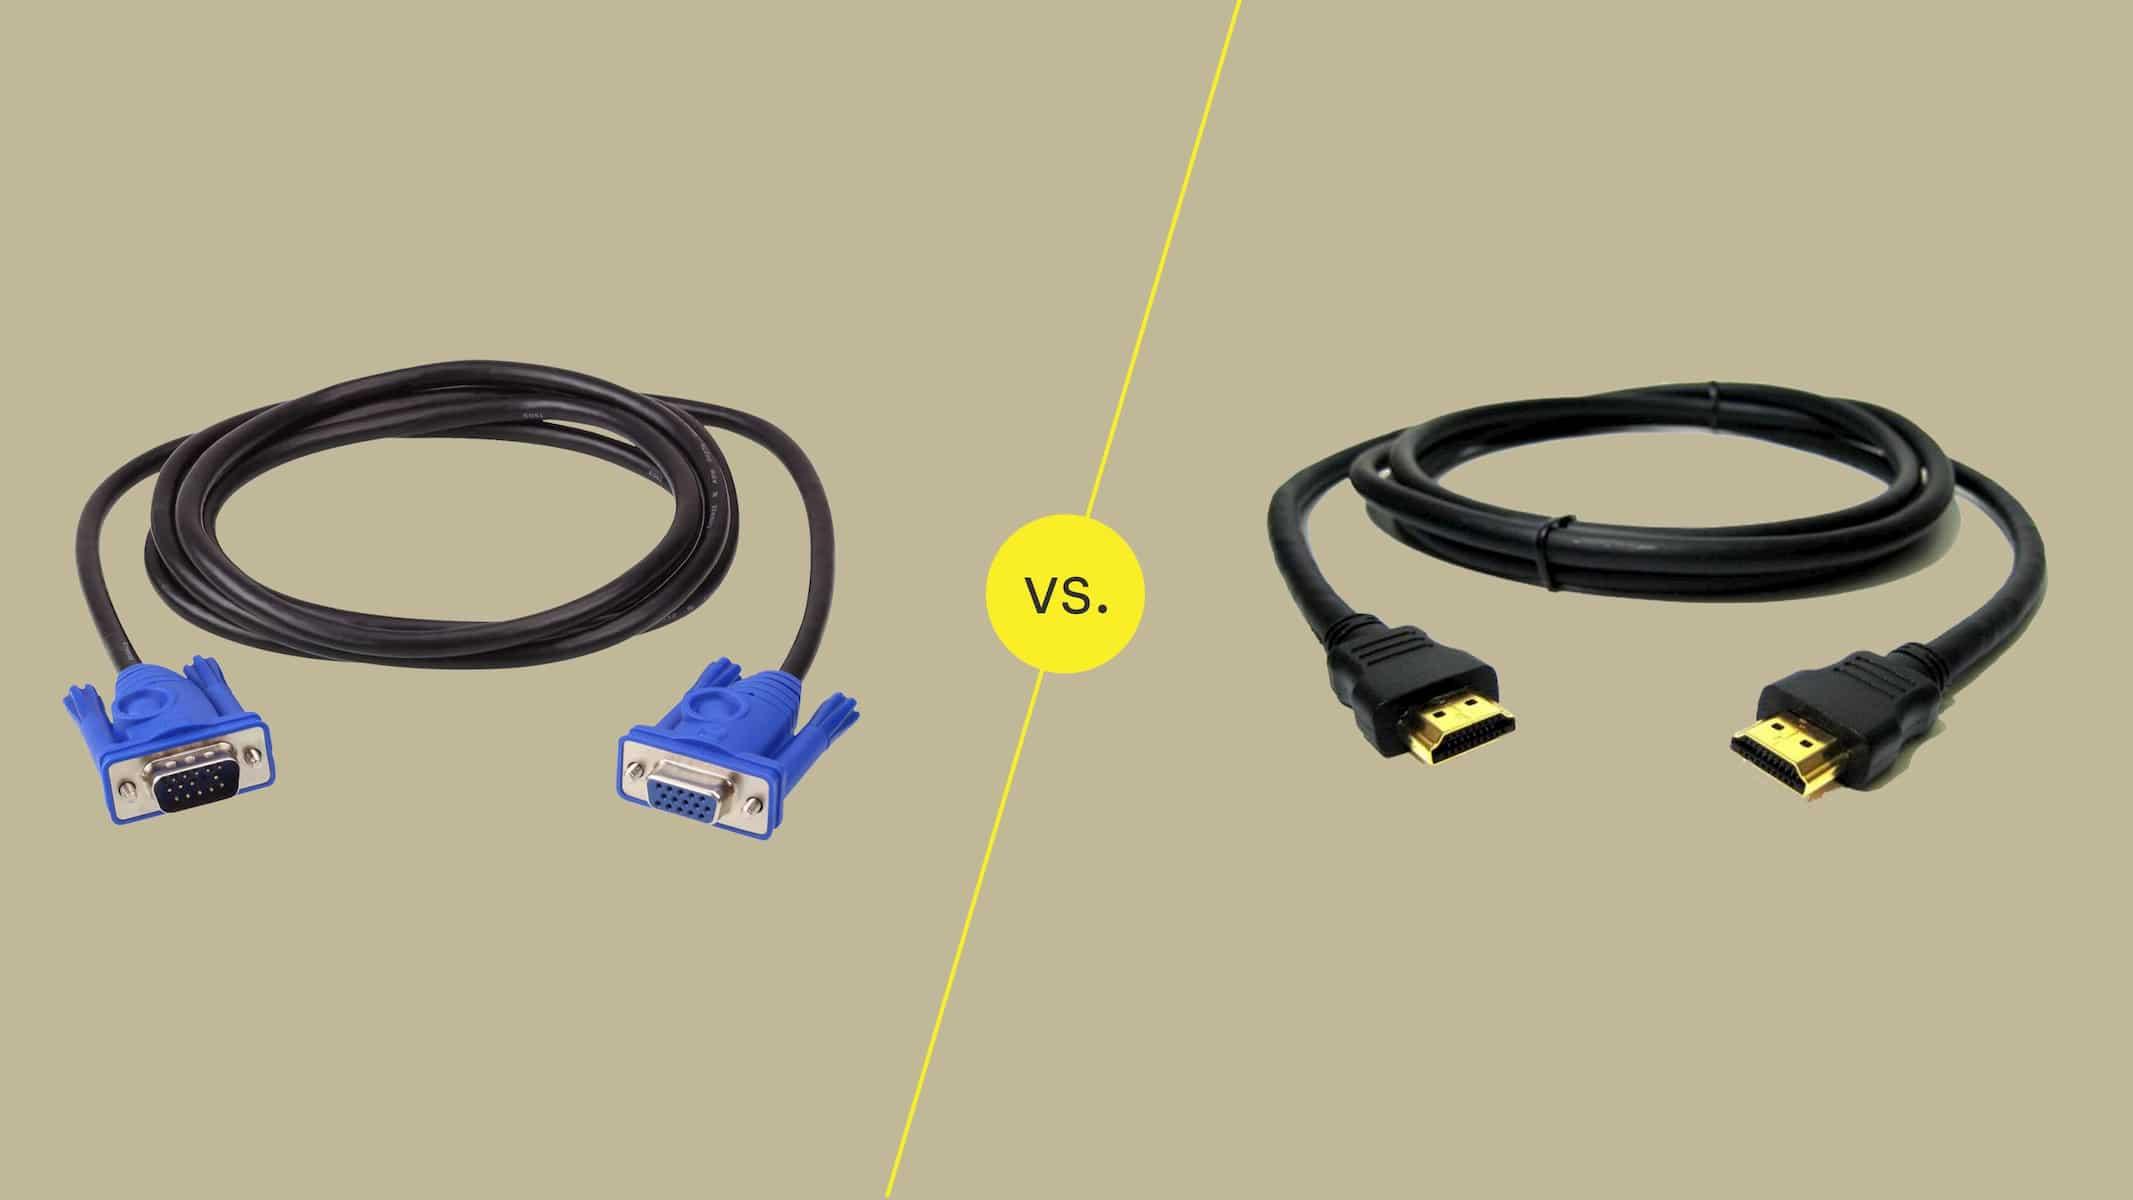 تاریخچه و مقایسه کابل VGA و HDMI